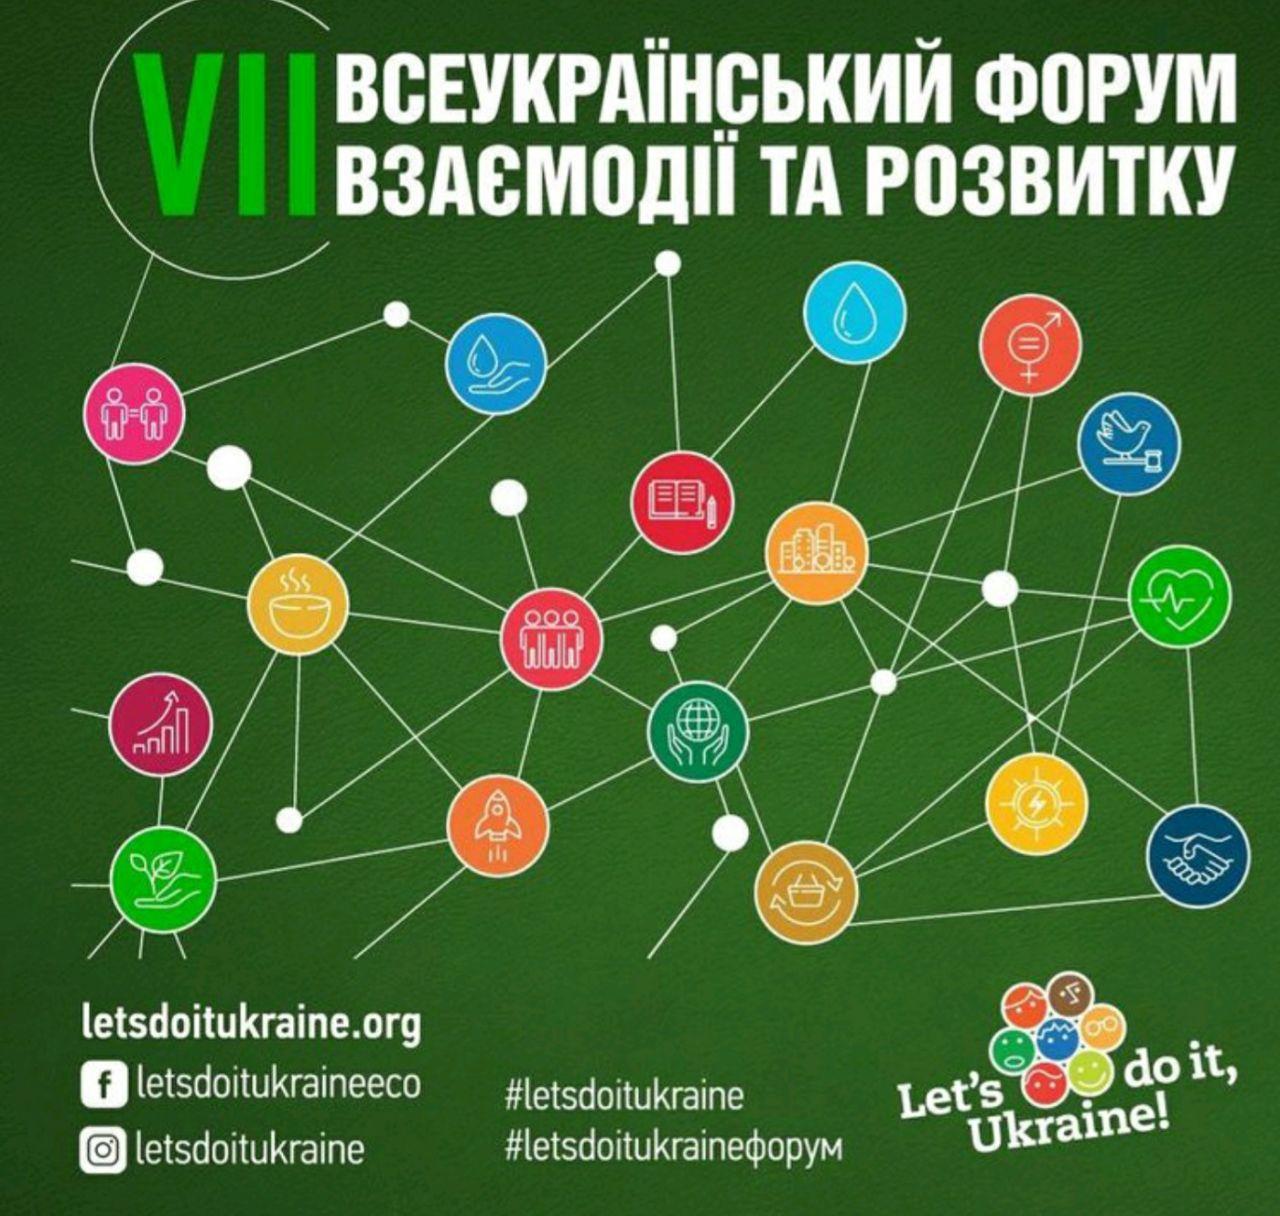 VIІ Всеукраїнський форум взаємодії та розвитку відбудеться онлайн   Прихист